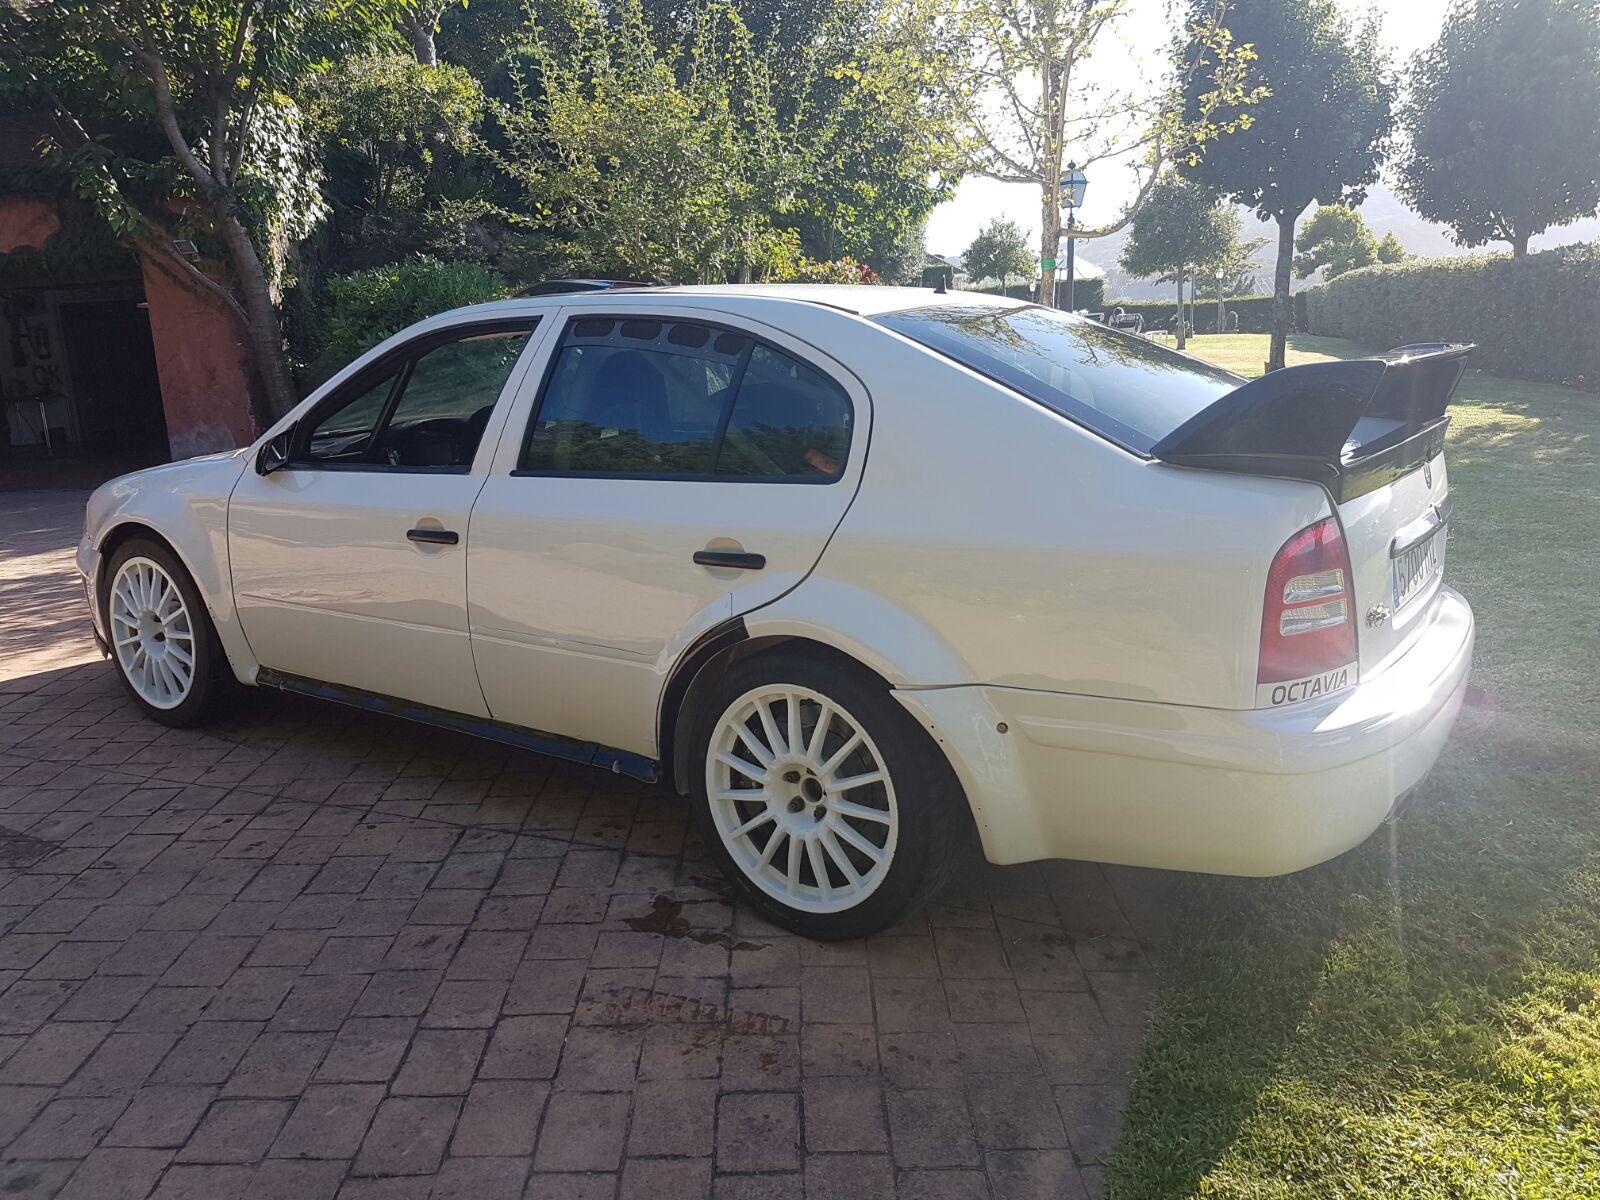 Skoda_Octavia_WRC_Evo_III_04